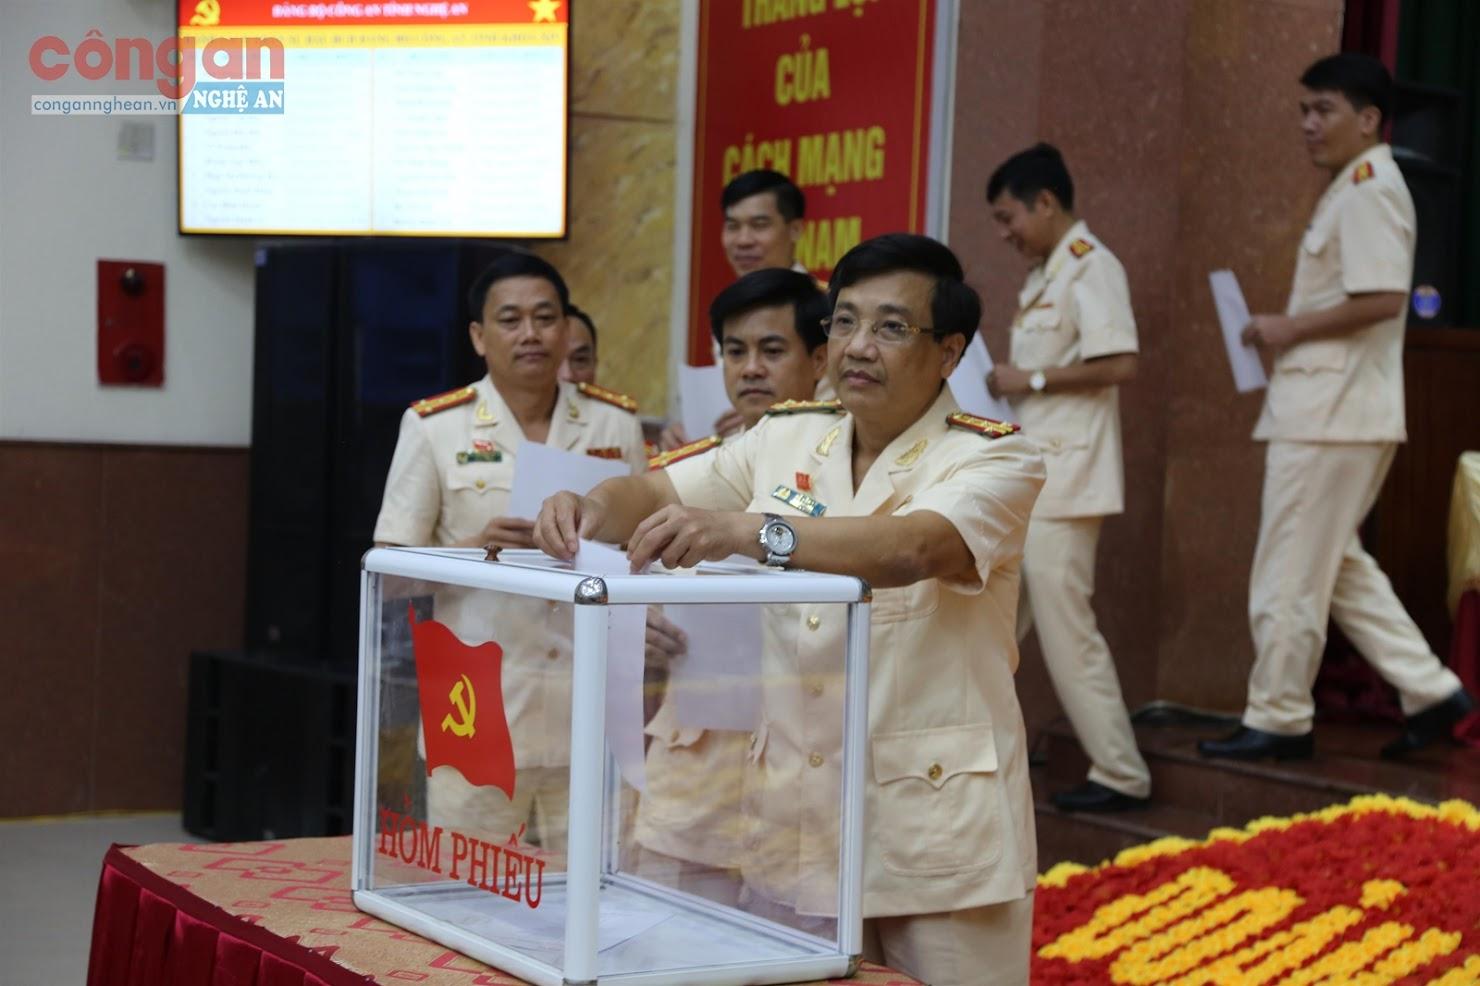 Các đại biểu Đảng bộ Công an tỉnh bỏ phiếu bầu BCH khóa XIV                            nhiệm kỳ 2020 - 2025